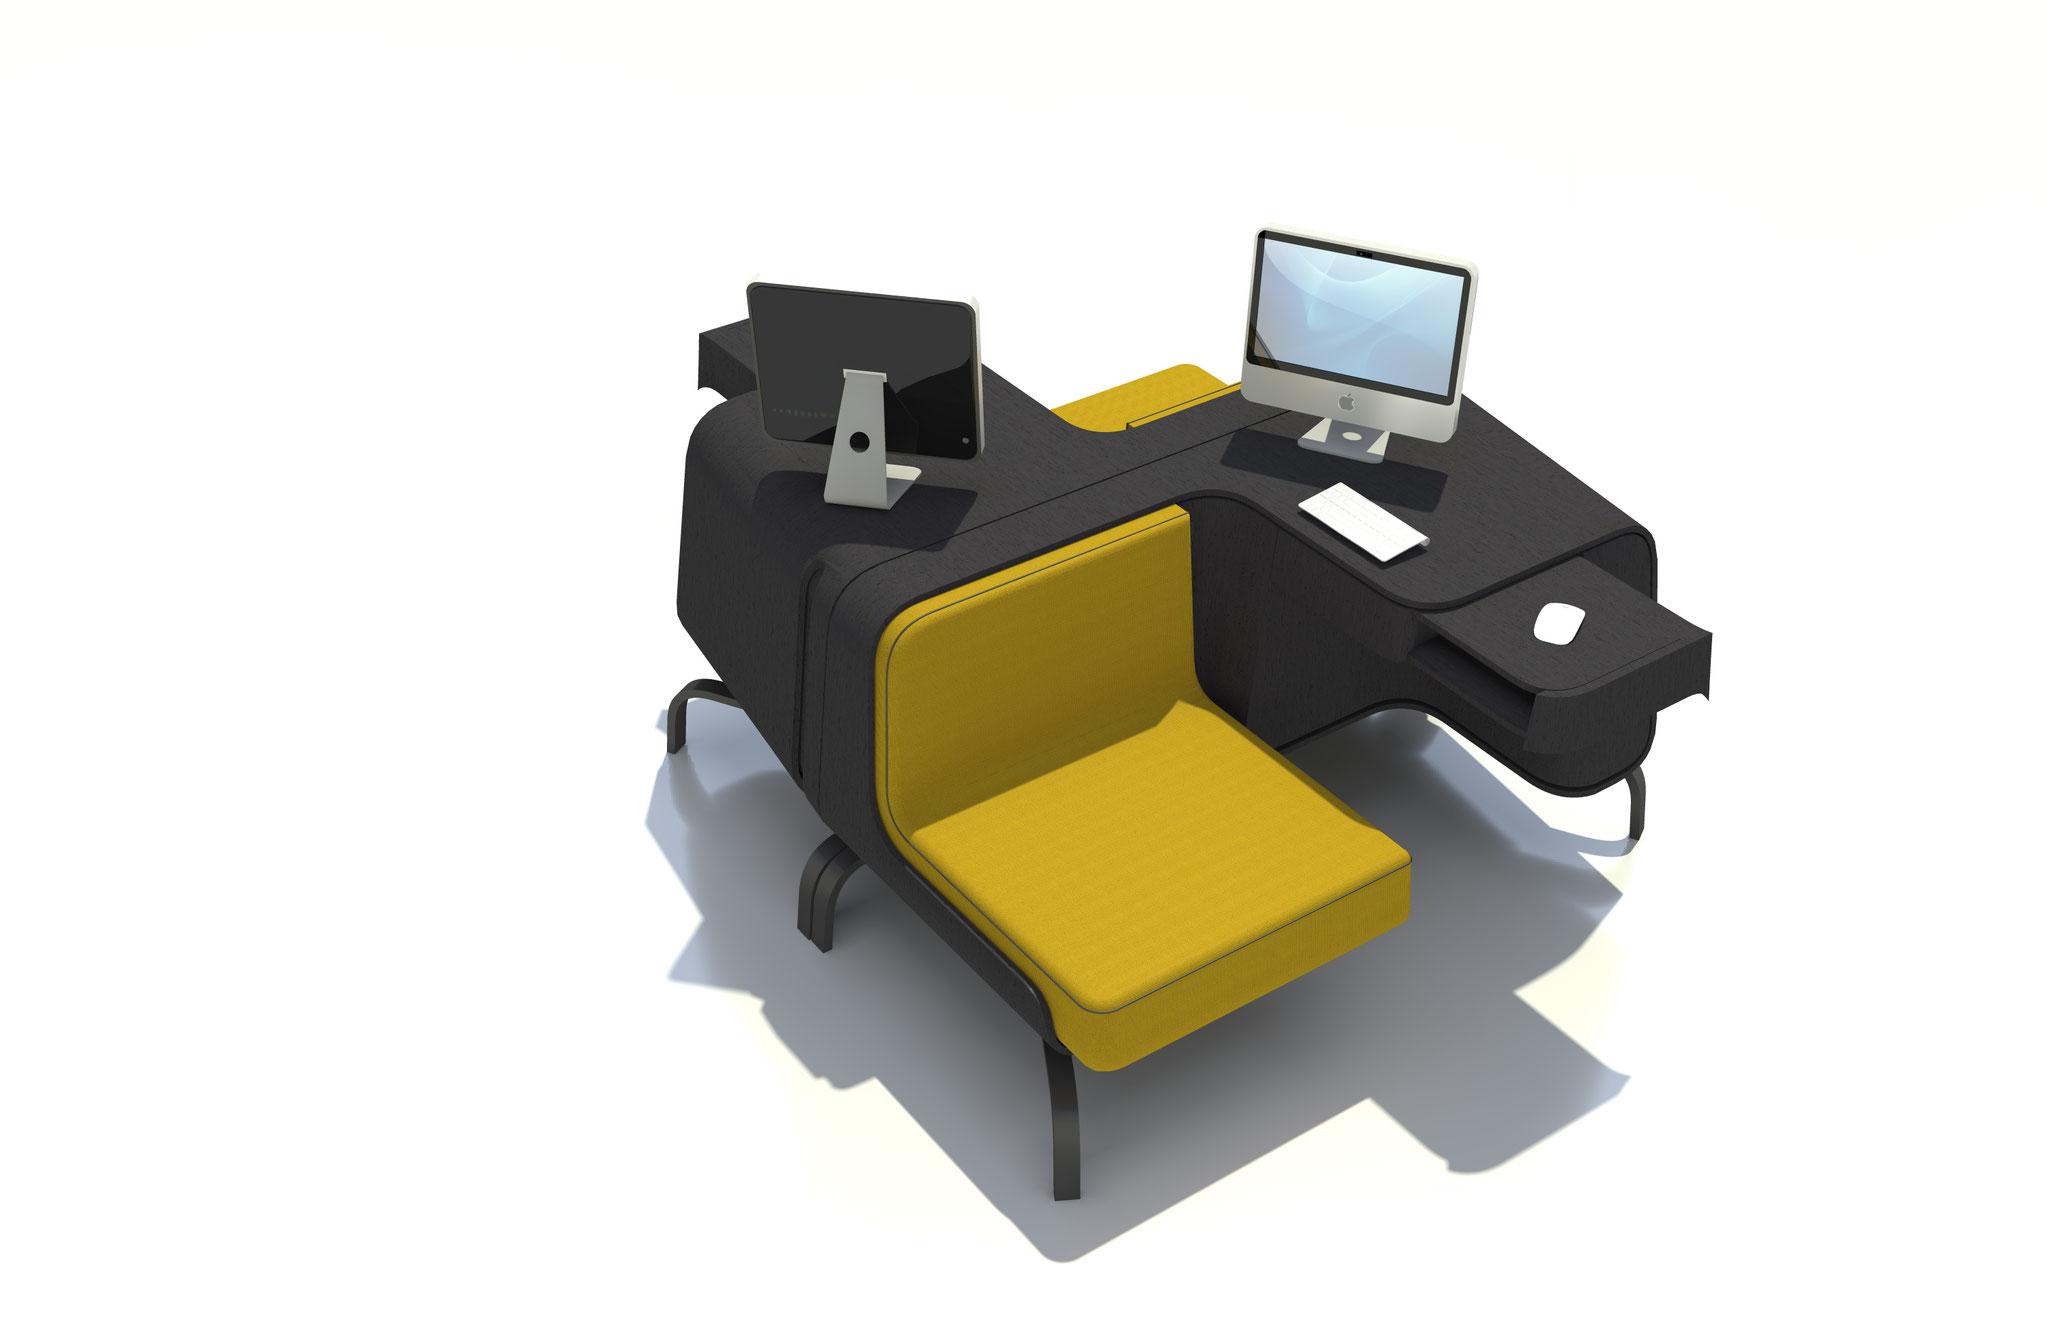 Designstudie eines Möbelstücks zum Arbeiten und Relaxen